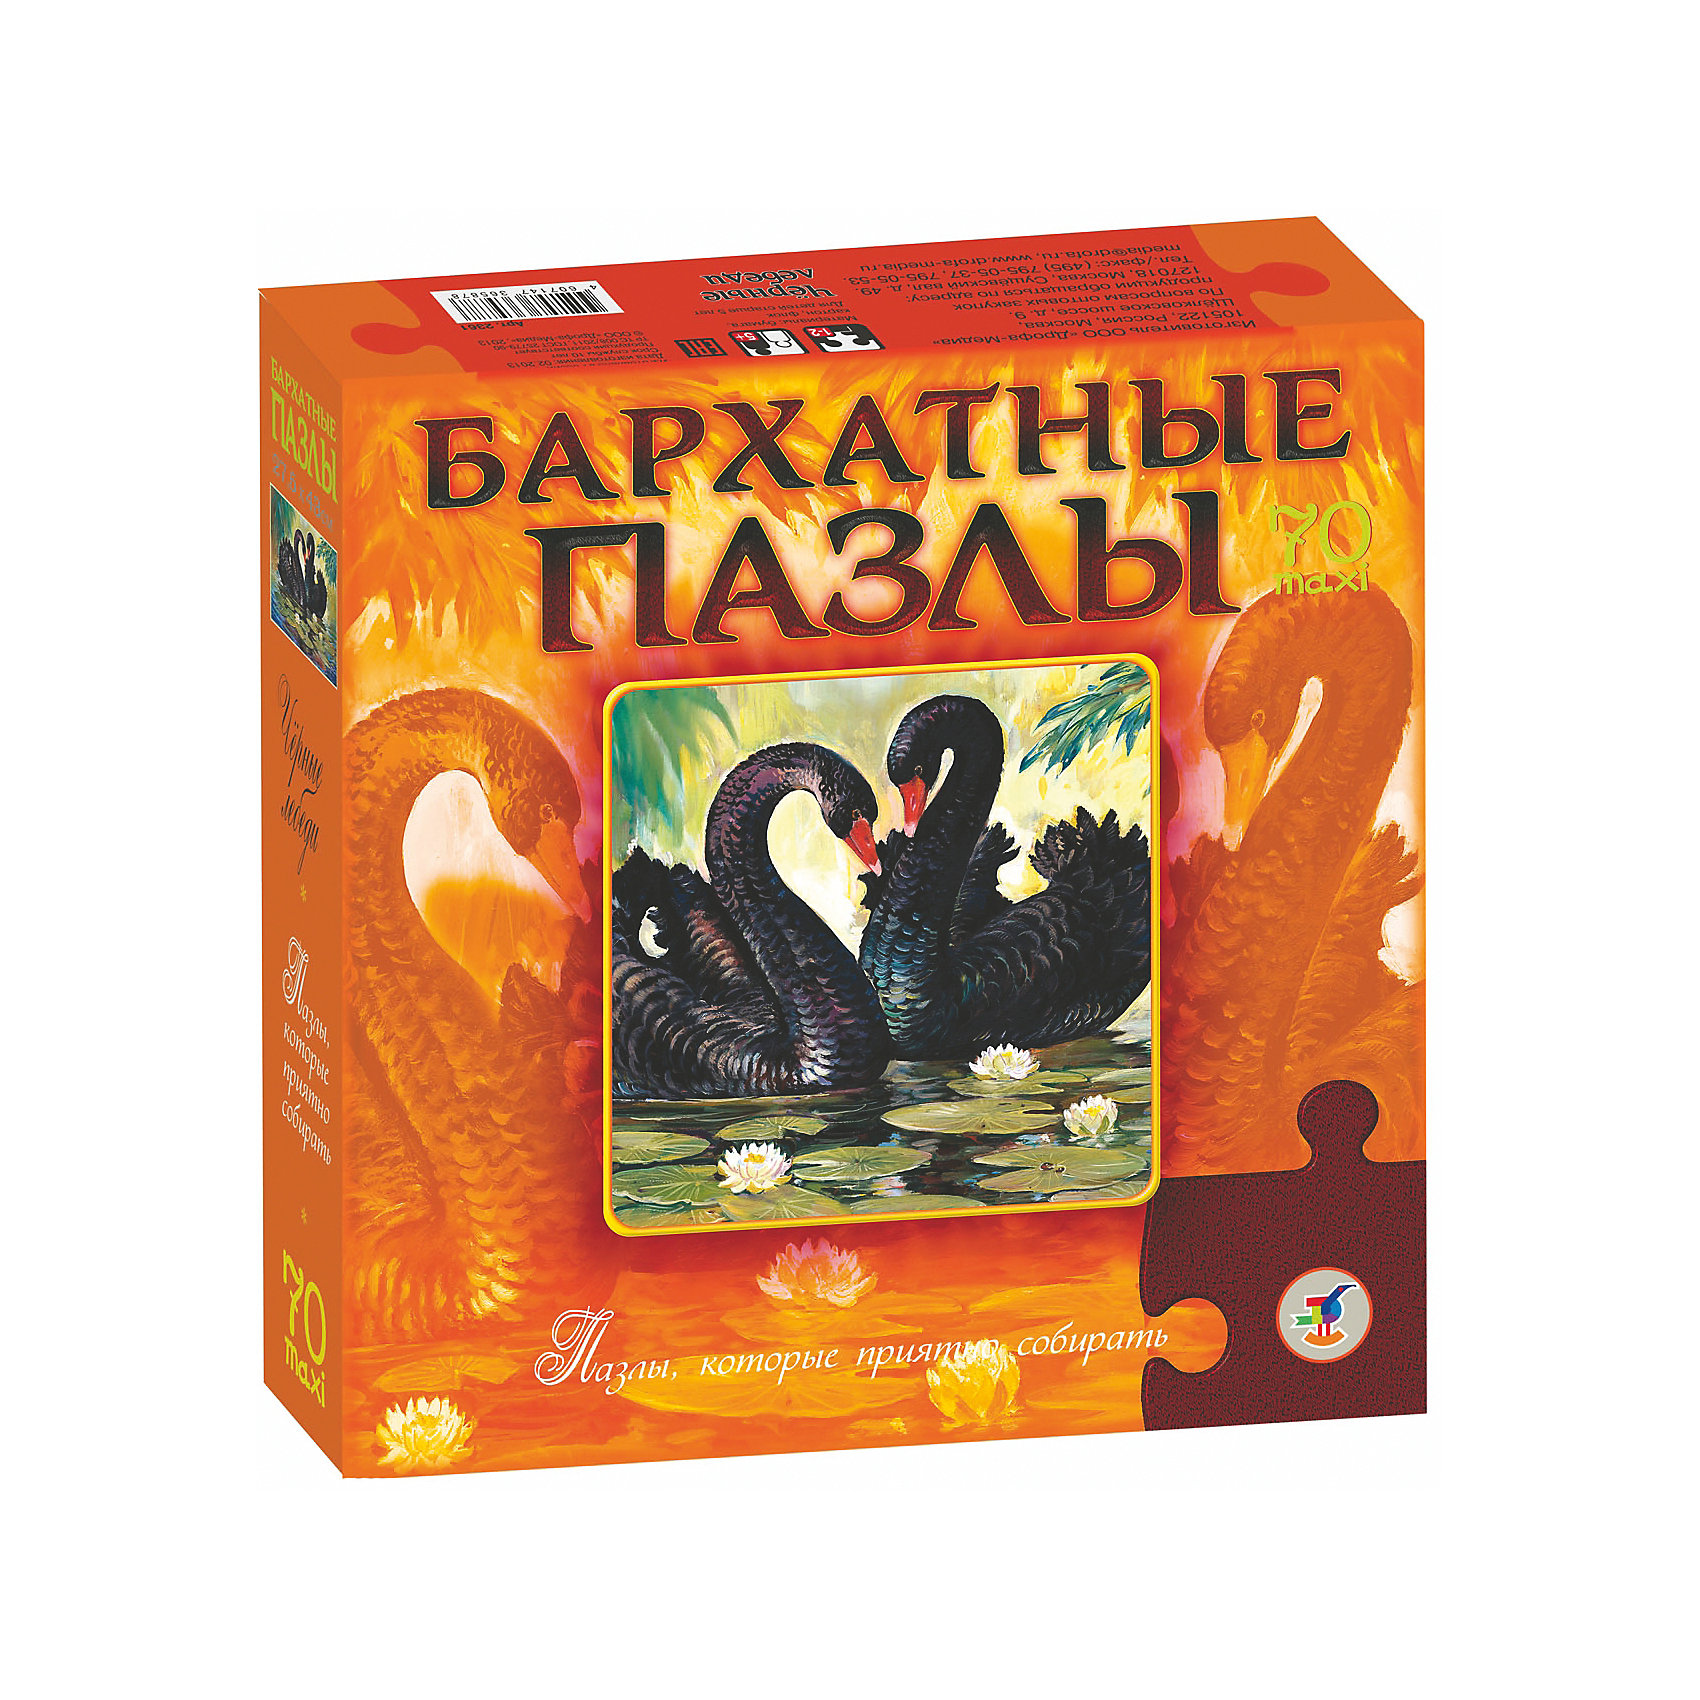 Бархатный пазл Черные лебеди, Дрофа-МедиаКлассические пазлы<br>Характеристики Бархатный пазл Черные лебеди:<br><br>- возраст: от 5 лет<br>- пол: для мальчиков и девочек<br>- цвет: оранжевый, черный.<br>- количество деталей: 70 шт.<br>- материал: бумага, картон, флок.<br>- размер упаковки: 22 * 5 * 22 см.<br>- размер игрушки: 43 * 28 см.<br>- бренд: Дрофа-Медиа<br>- страна обладатель бренда: Россия.<br><br>Бархатные пазлы Черные лебеди очень приятно собирать. Бархатная текстура пазлов манит своей необычностью, и вызывают желание прикоснуться к ним. Ребенок с интересом соберет красивых лебедей, а потом вставит картинку в рамочку и подарит дорогому для него человеку. Пазлы создают объём, поэтому картинка смотрится оригинально.<br><br>Бархатный пазл Черные лебеди издательства Дрофа-Медиа можно купить в нашем интернет-магазине.<br><br>Ширина мм: 220<br>Глубина мм: 50<br>Высота мм: 220<br>Вес г: 270<br>Возраст от месяцев: 60<br>Возраст до месяцев: 2147483647<br>Пол: Унисекс<br>Возраст: Детский<br>Количество деталей: 70<br>SKU: 5386276